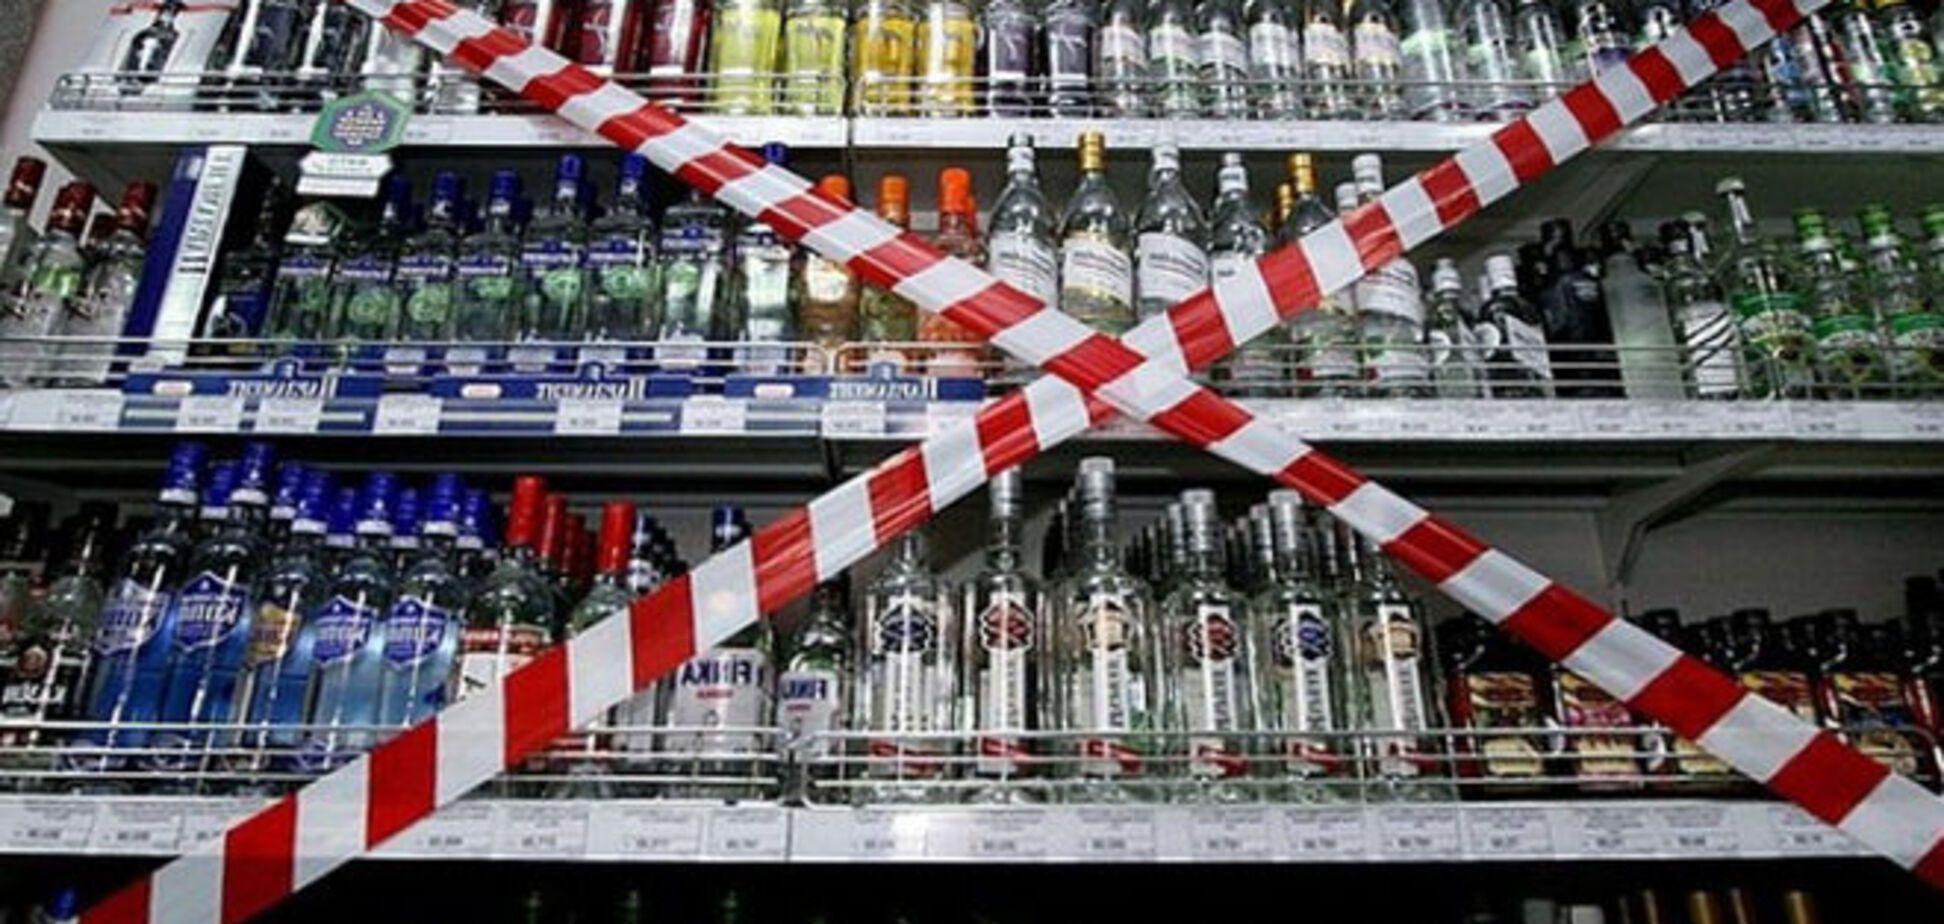 Военным на службе грозит штраф и арест за употребление алкоголя